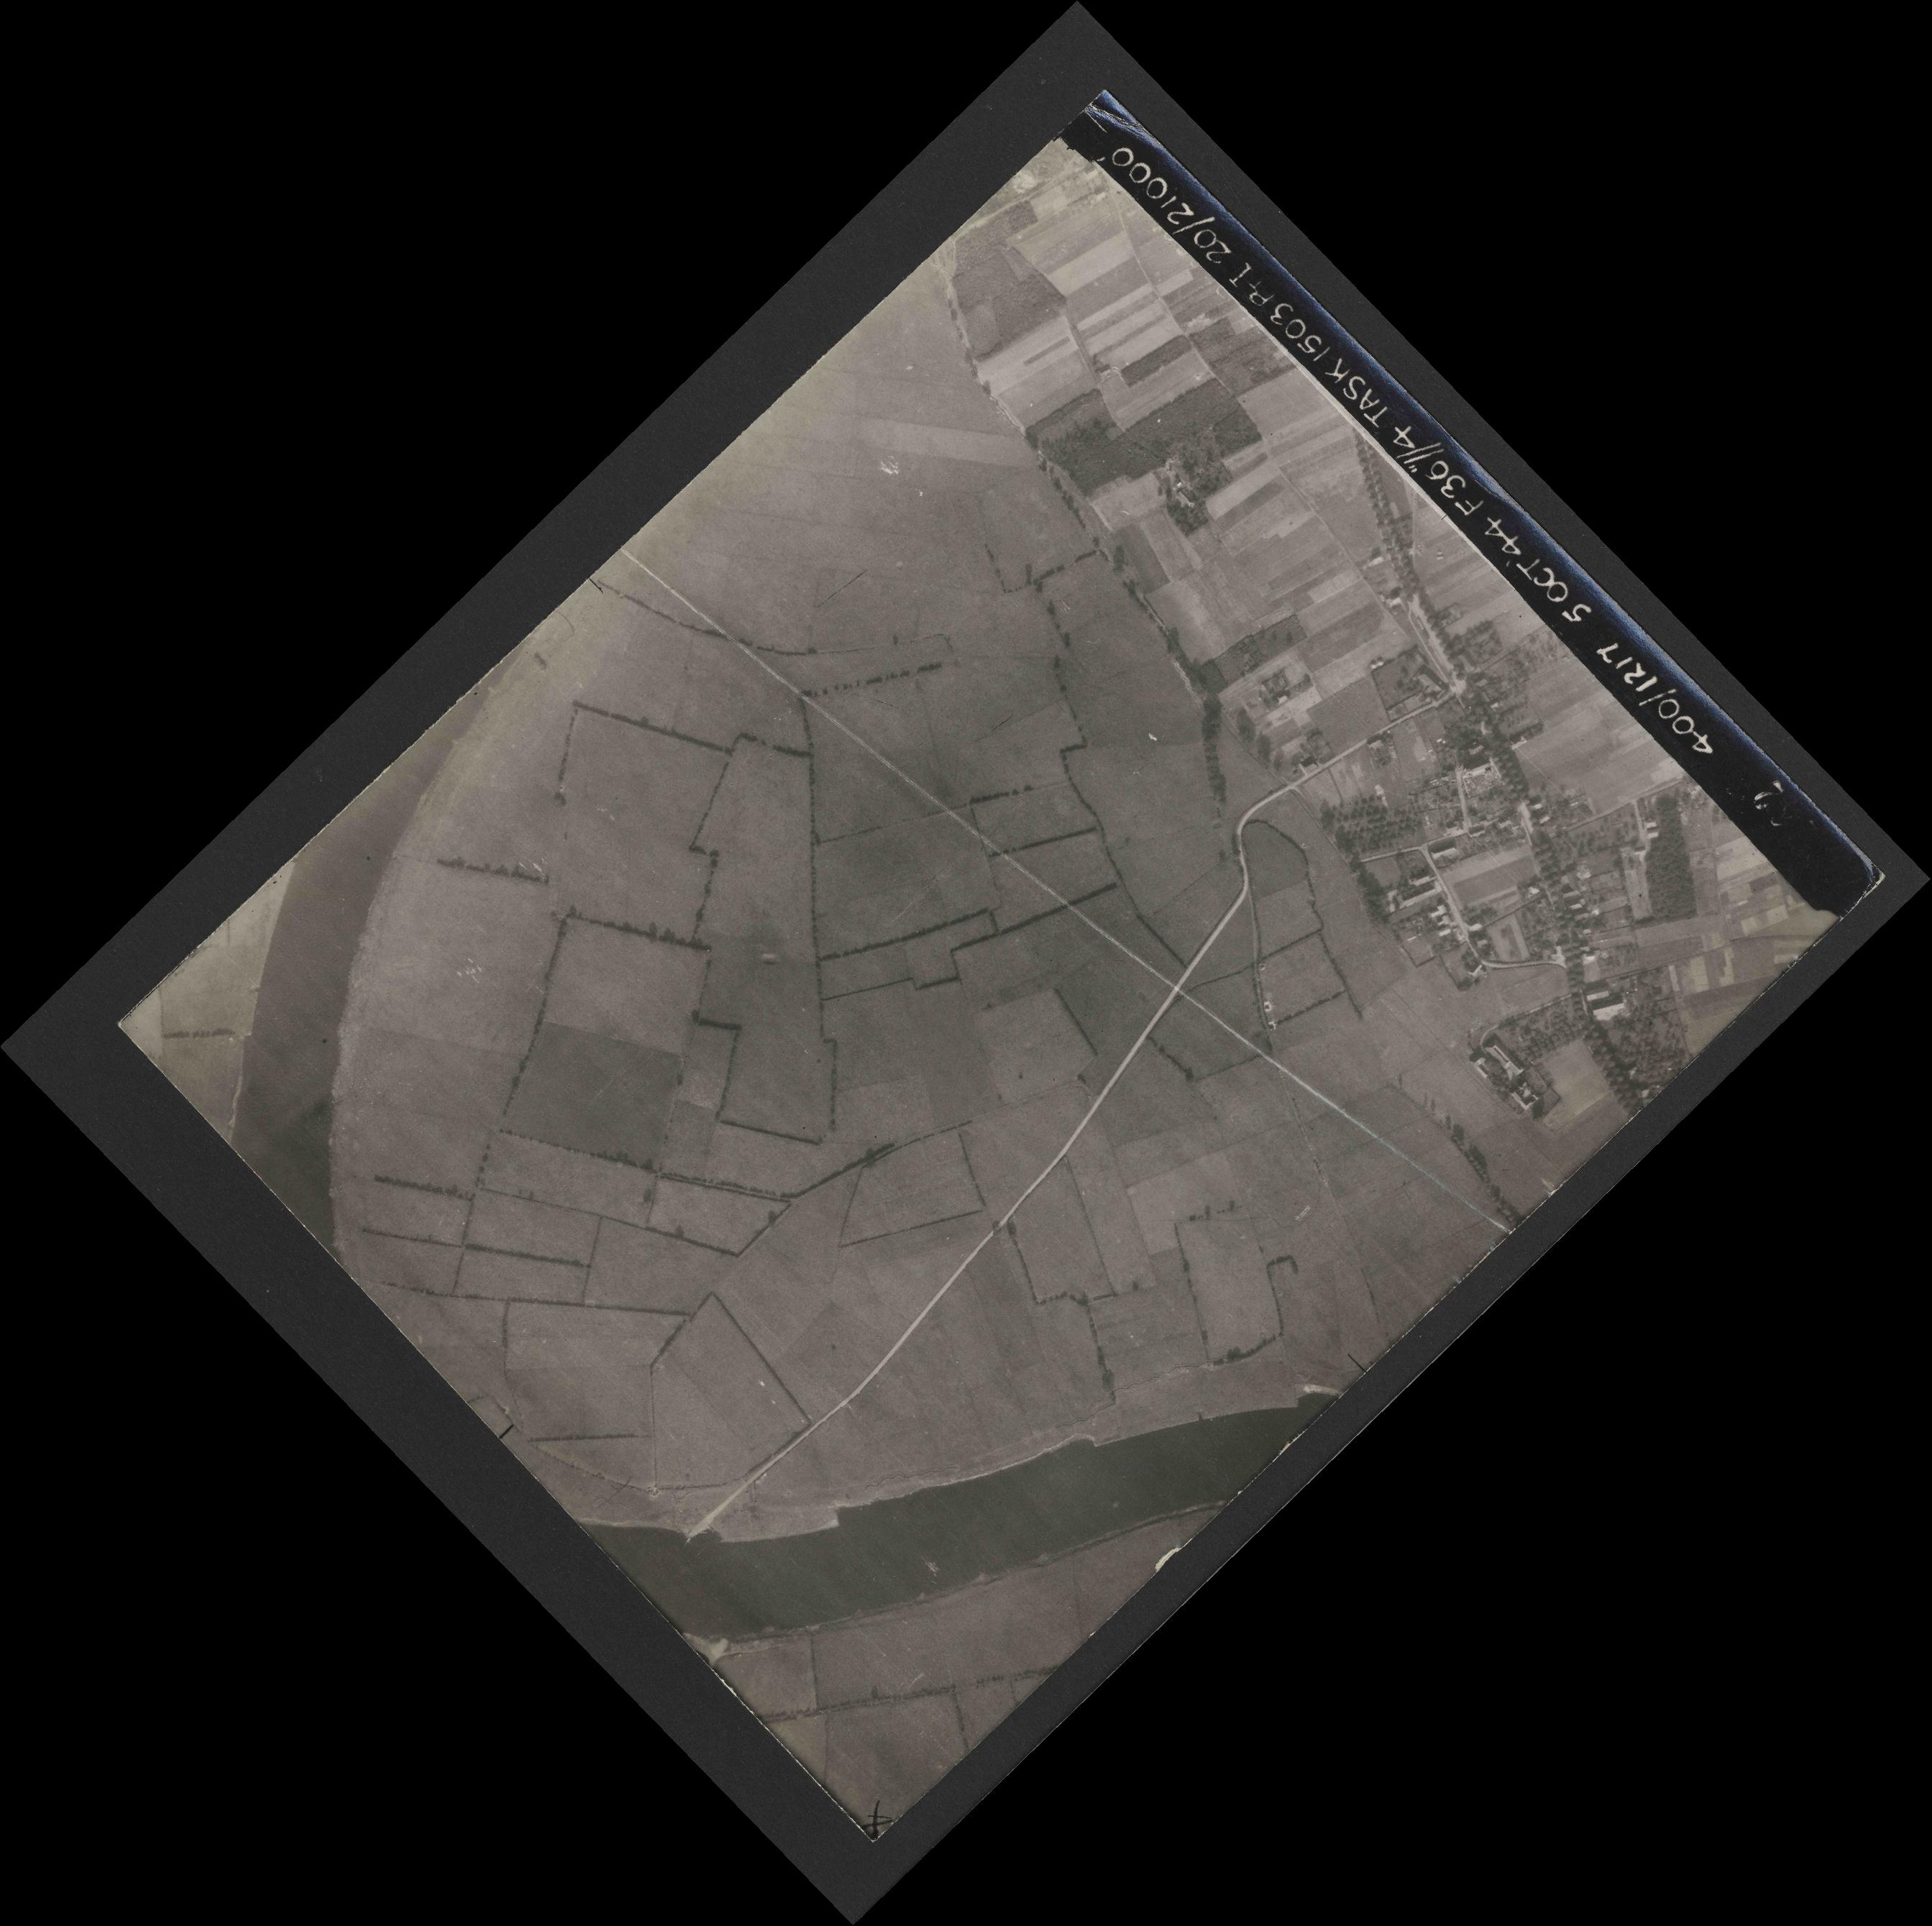 Collection RAF aerial photos 1940-1945 - flight 316, run 10, photo 3262